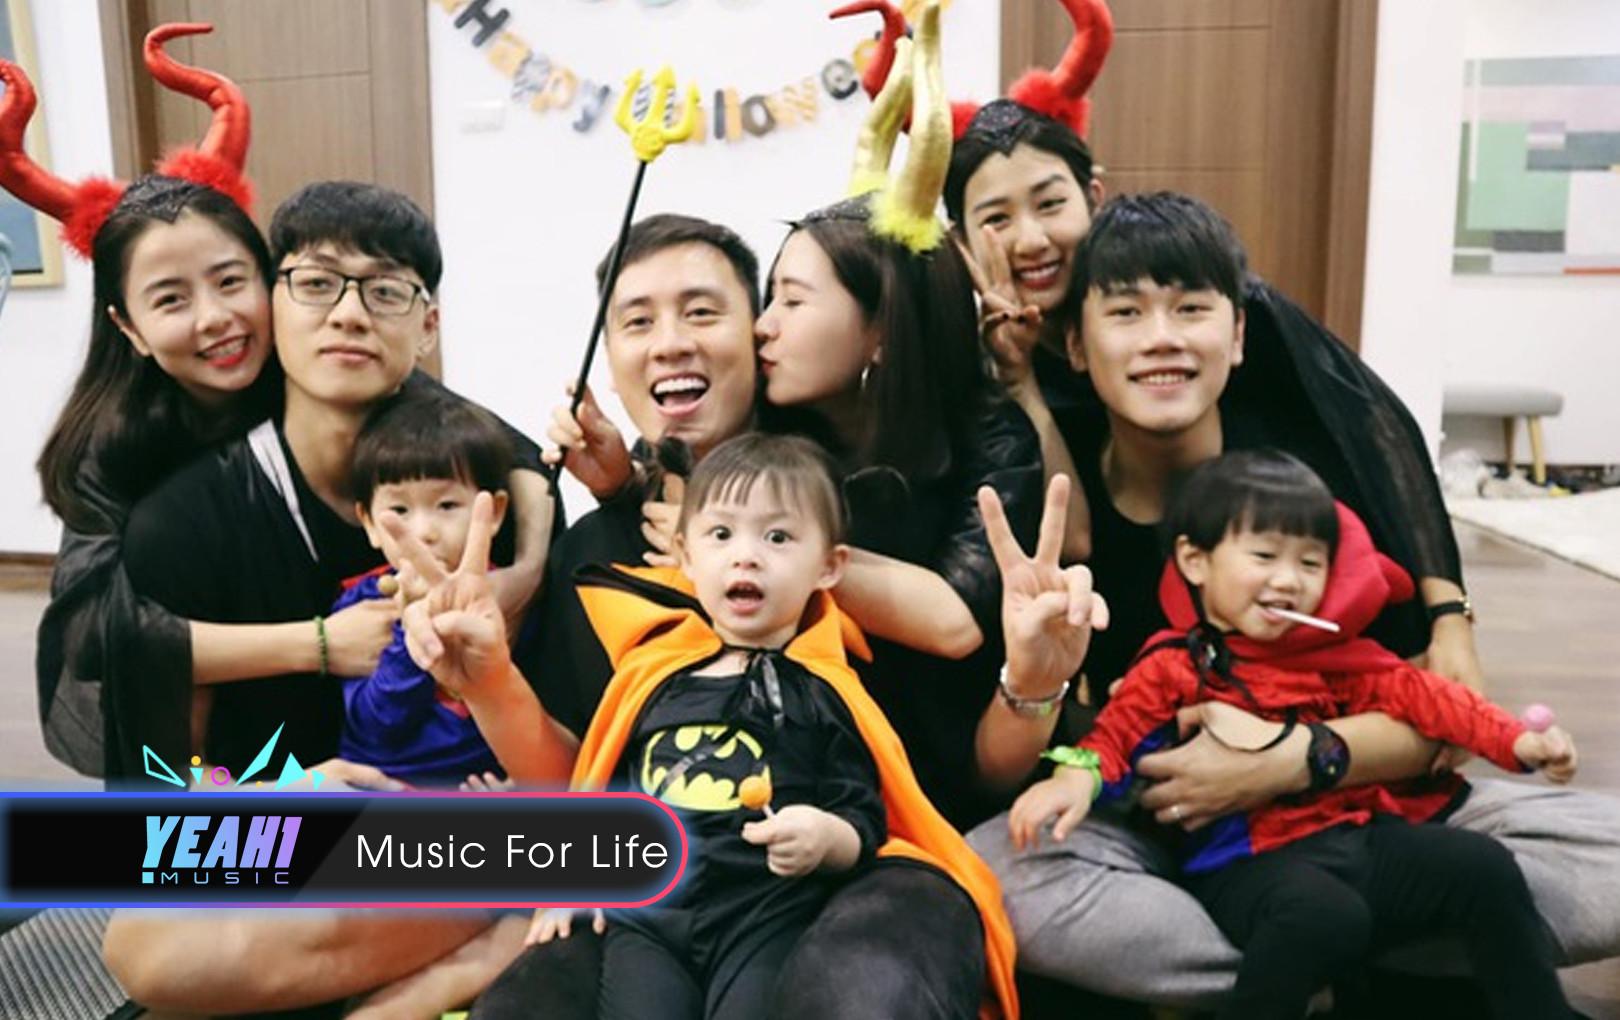 Halloween cập bến 3 gia đình hot nhất MXH: Xoài - Cam - Đậu biến hoá thành những siêu anh hùng dễ thương